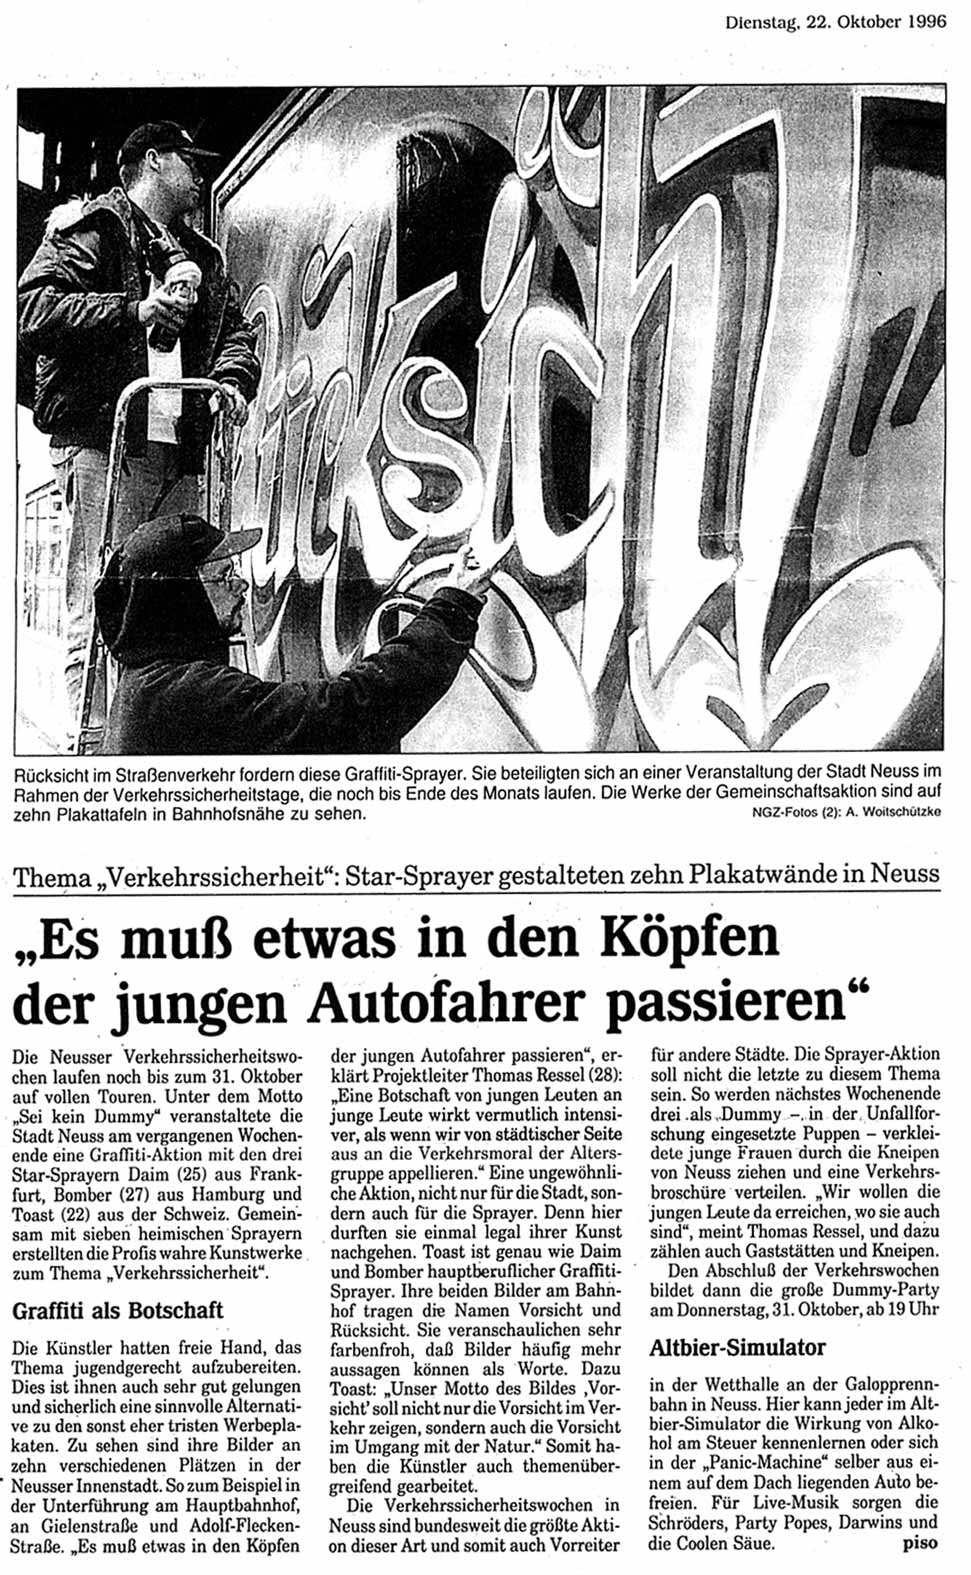 neussergz22101996